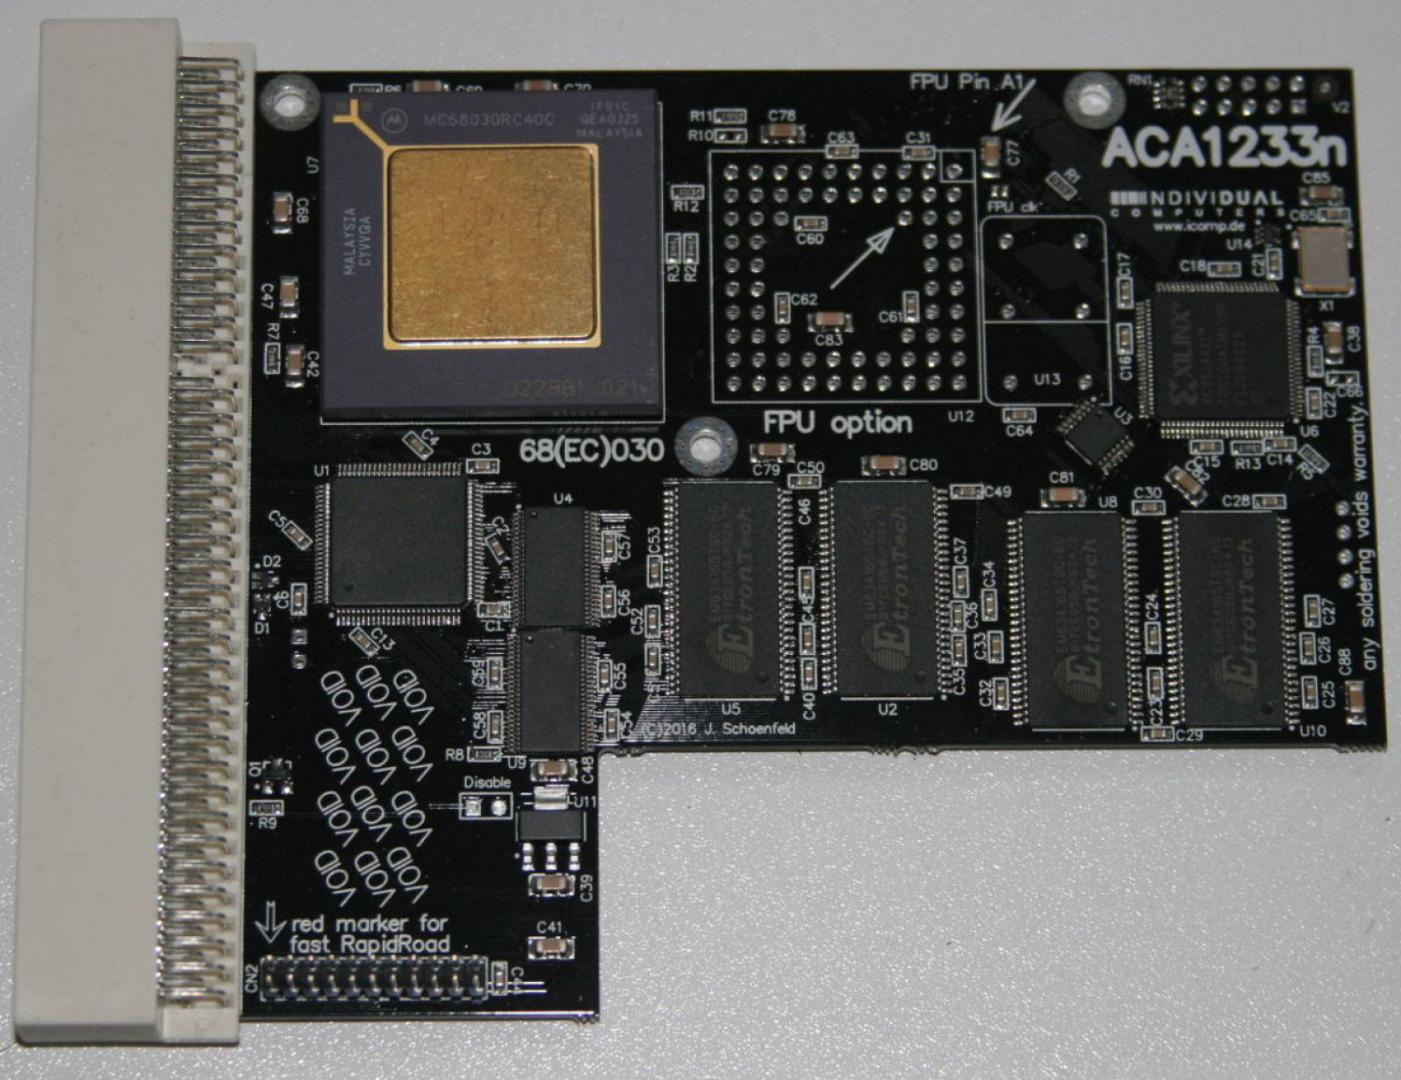 Klikněte na obrázek pro zobrazení větší verze  Název: aca1233n-40_production_unit-b2c01165.jpg Zobrazeno: 39 Velikost: 191,4 KB ID: 9623